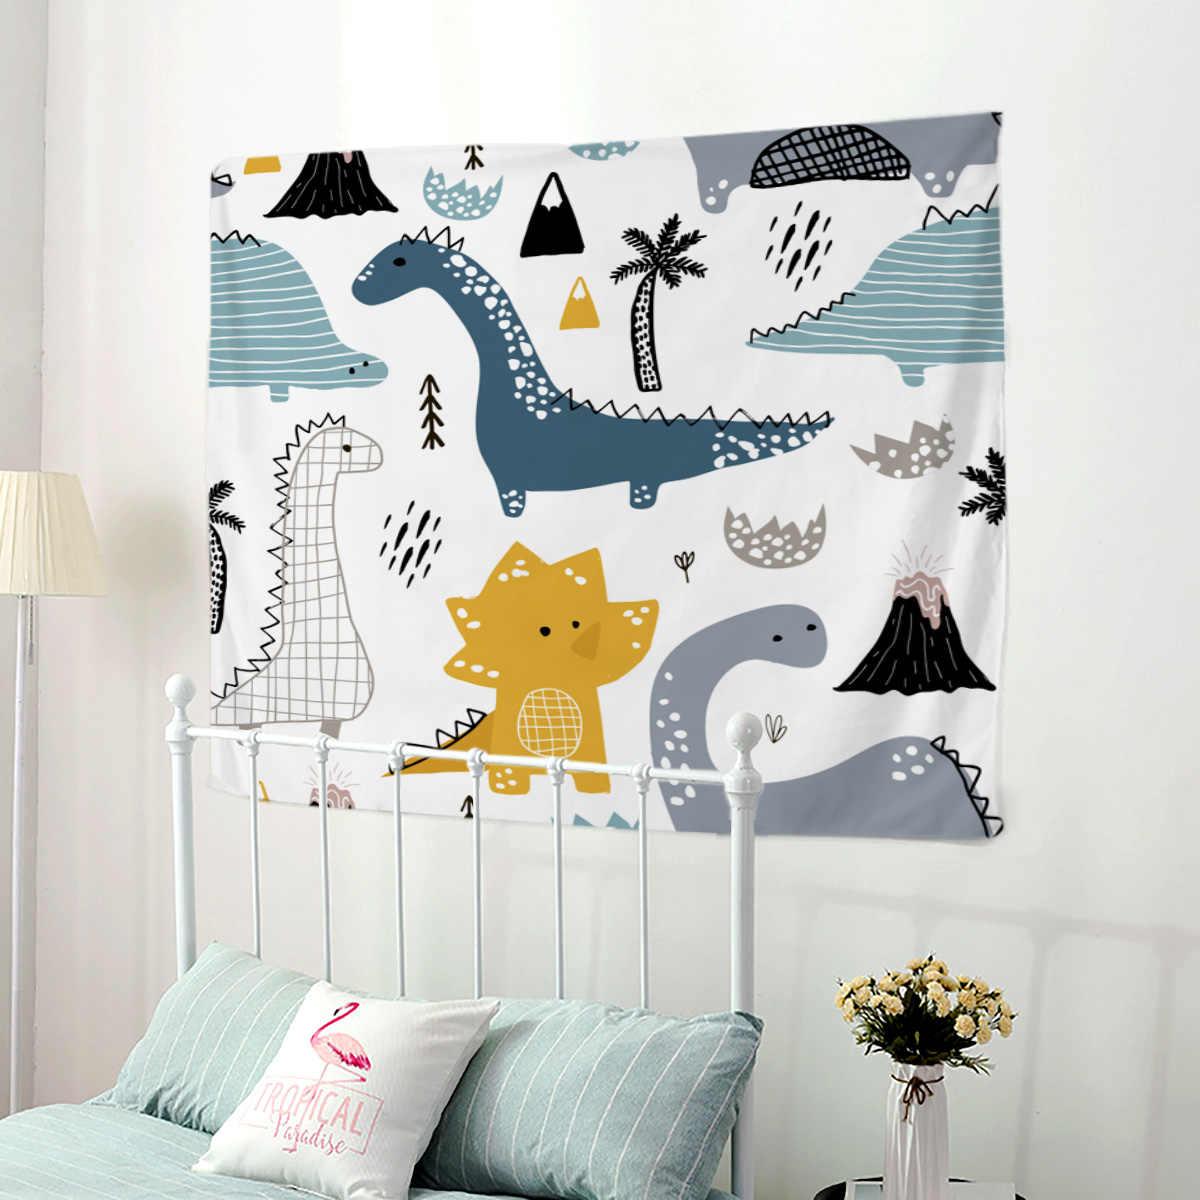 WARMTOUR гобелен милый мультфильм стиль динозавр настенный гобелен домашний декоративный